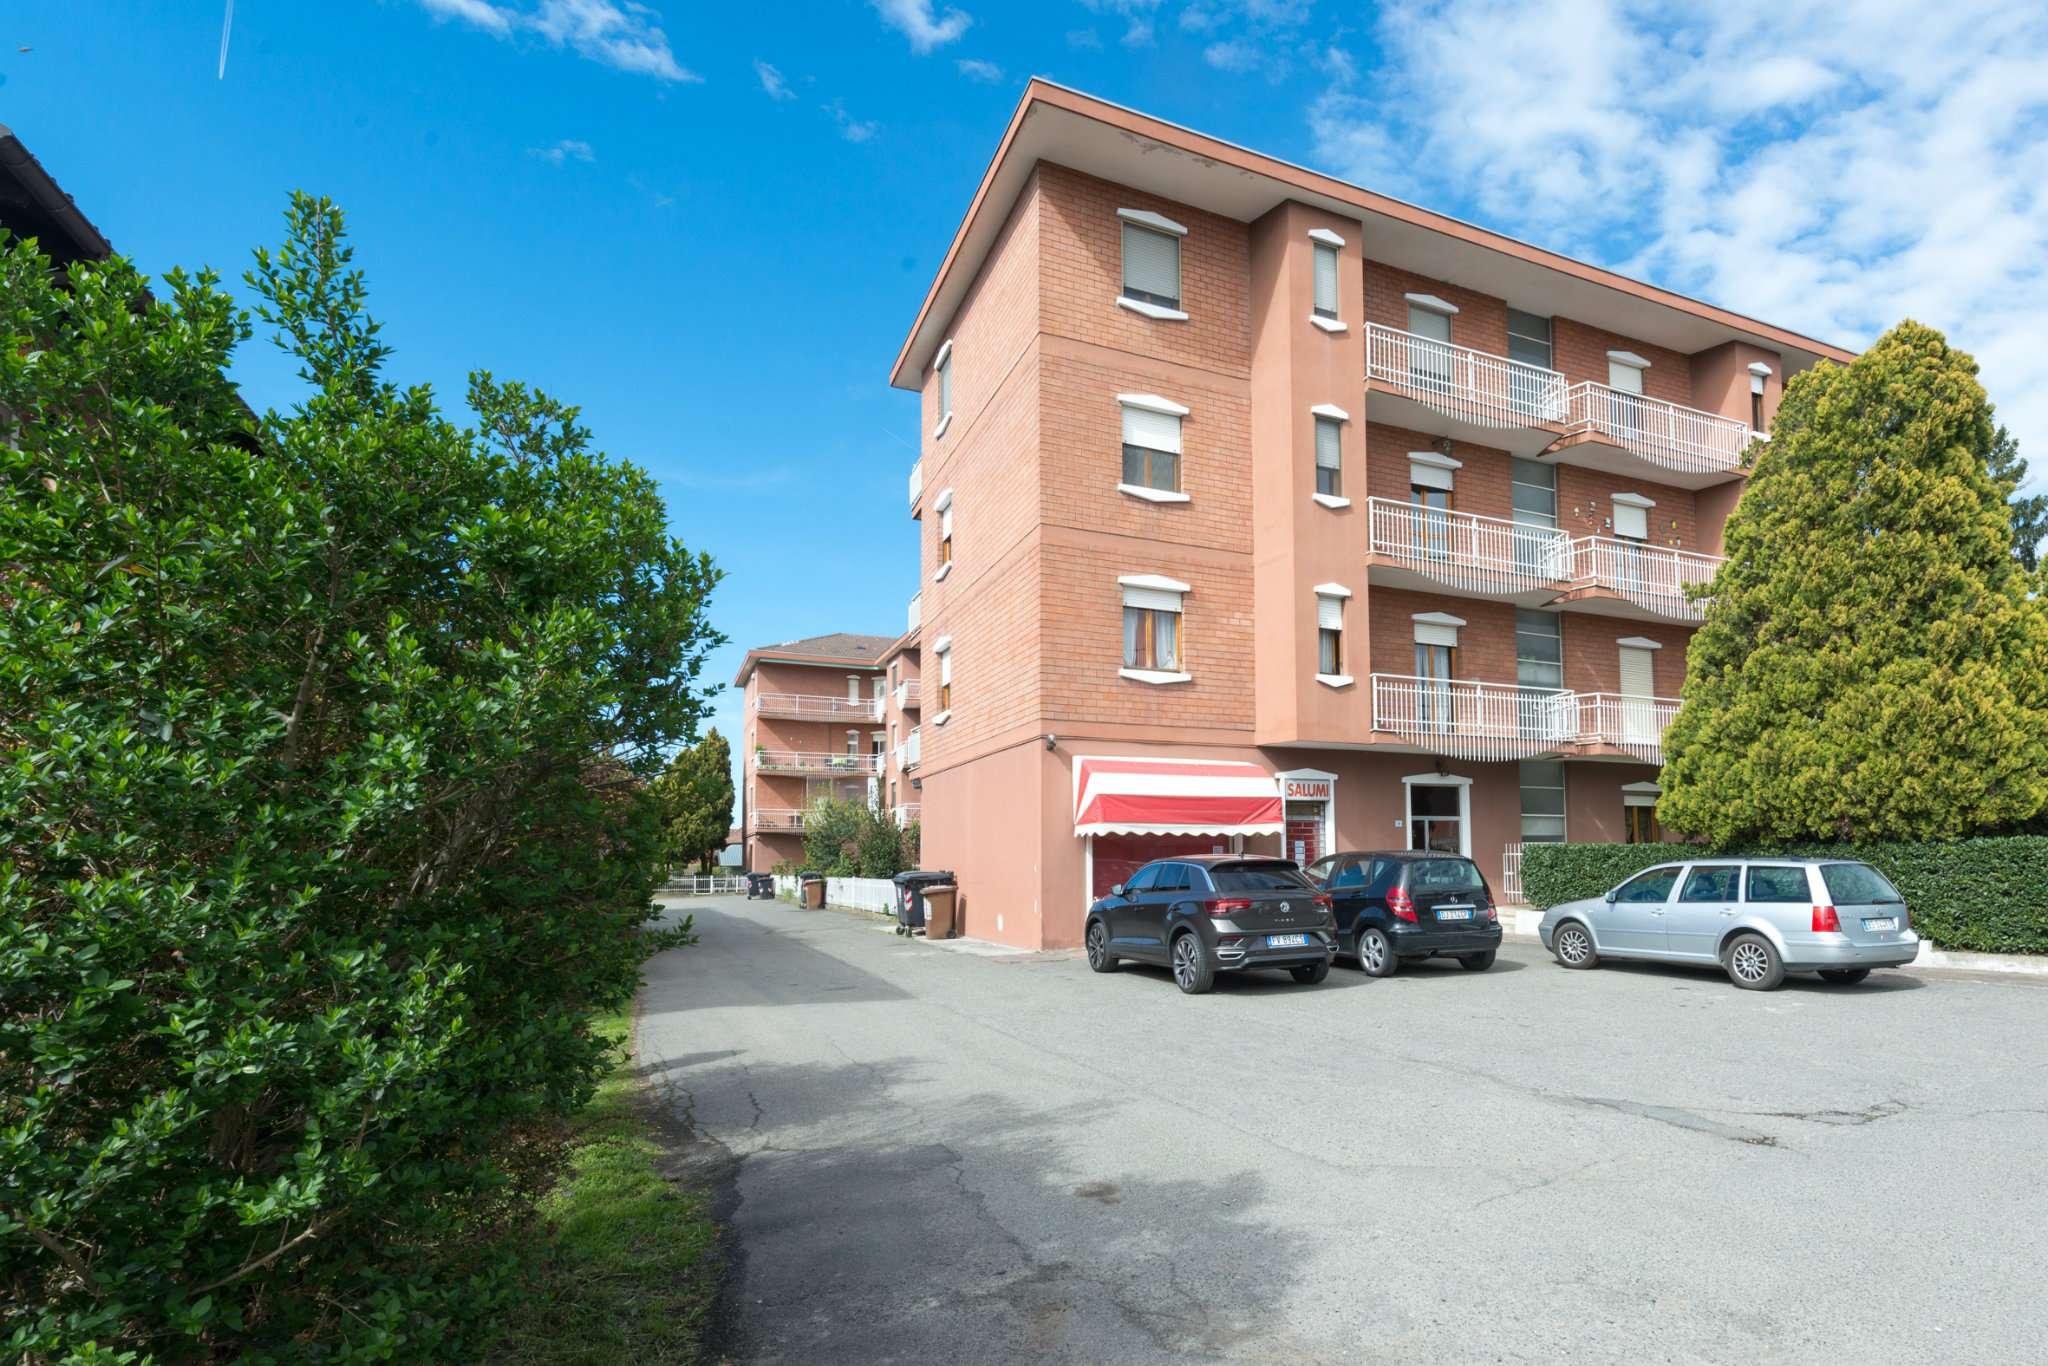 Appartamento in vendita a Frugarolo, 4 locali, prezzo € 65.000 | PortaleAgenzieImmobiliari.it